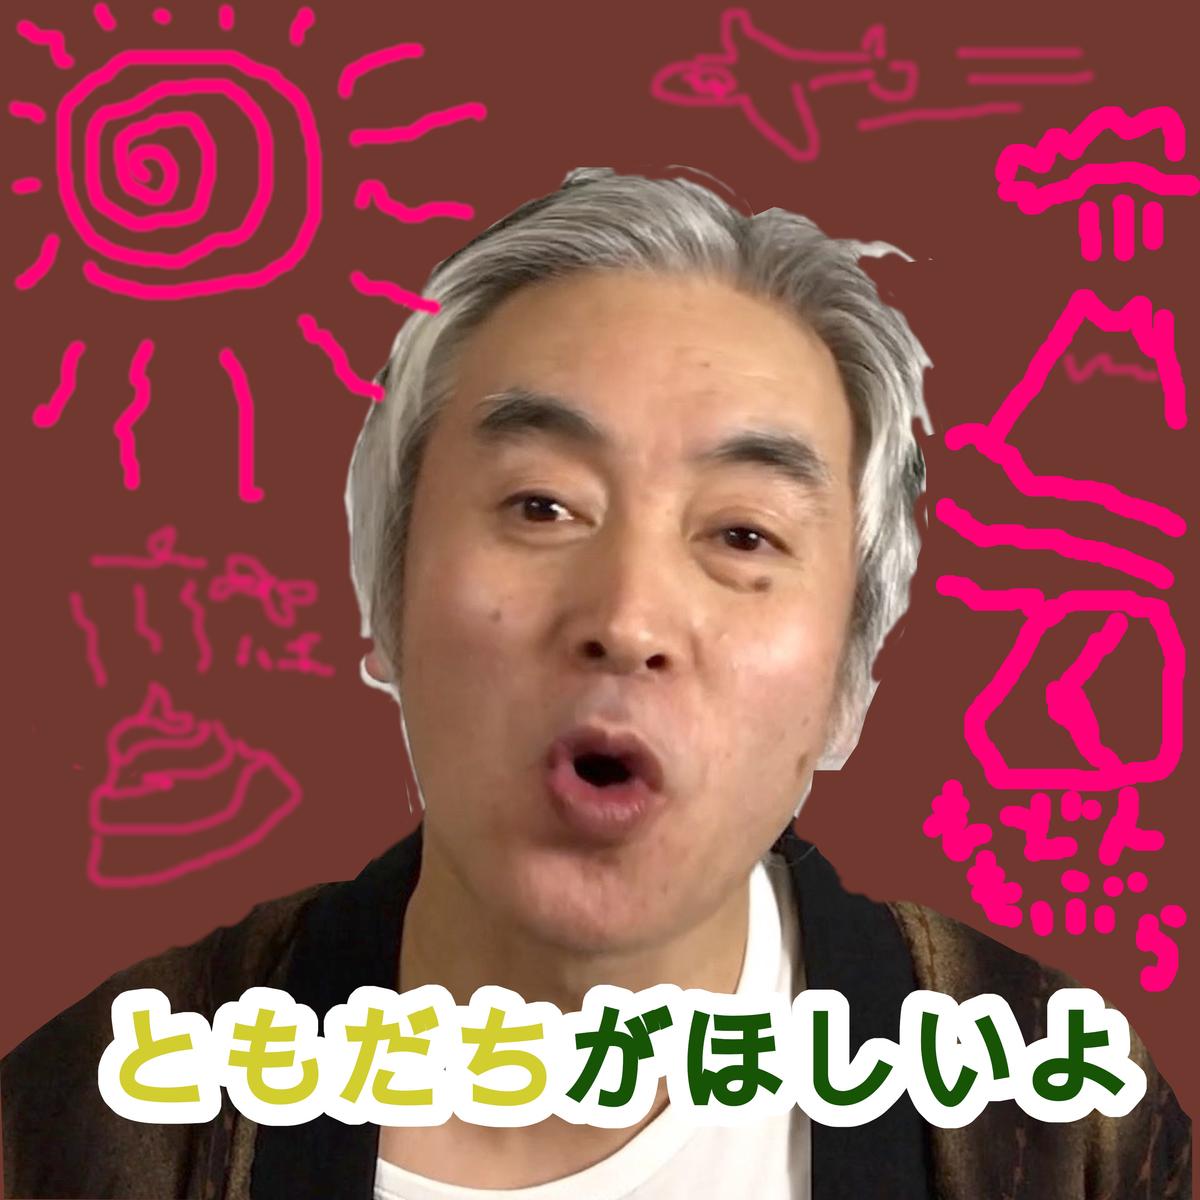 f:id:yukioj:20210220093518j:plain